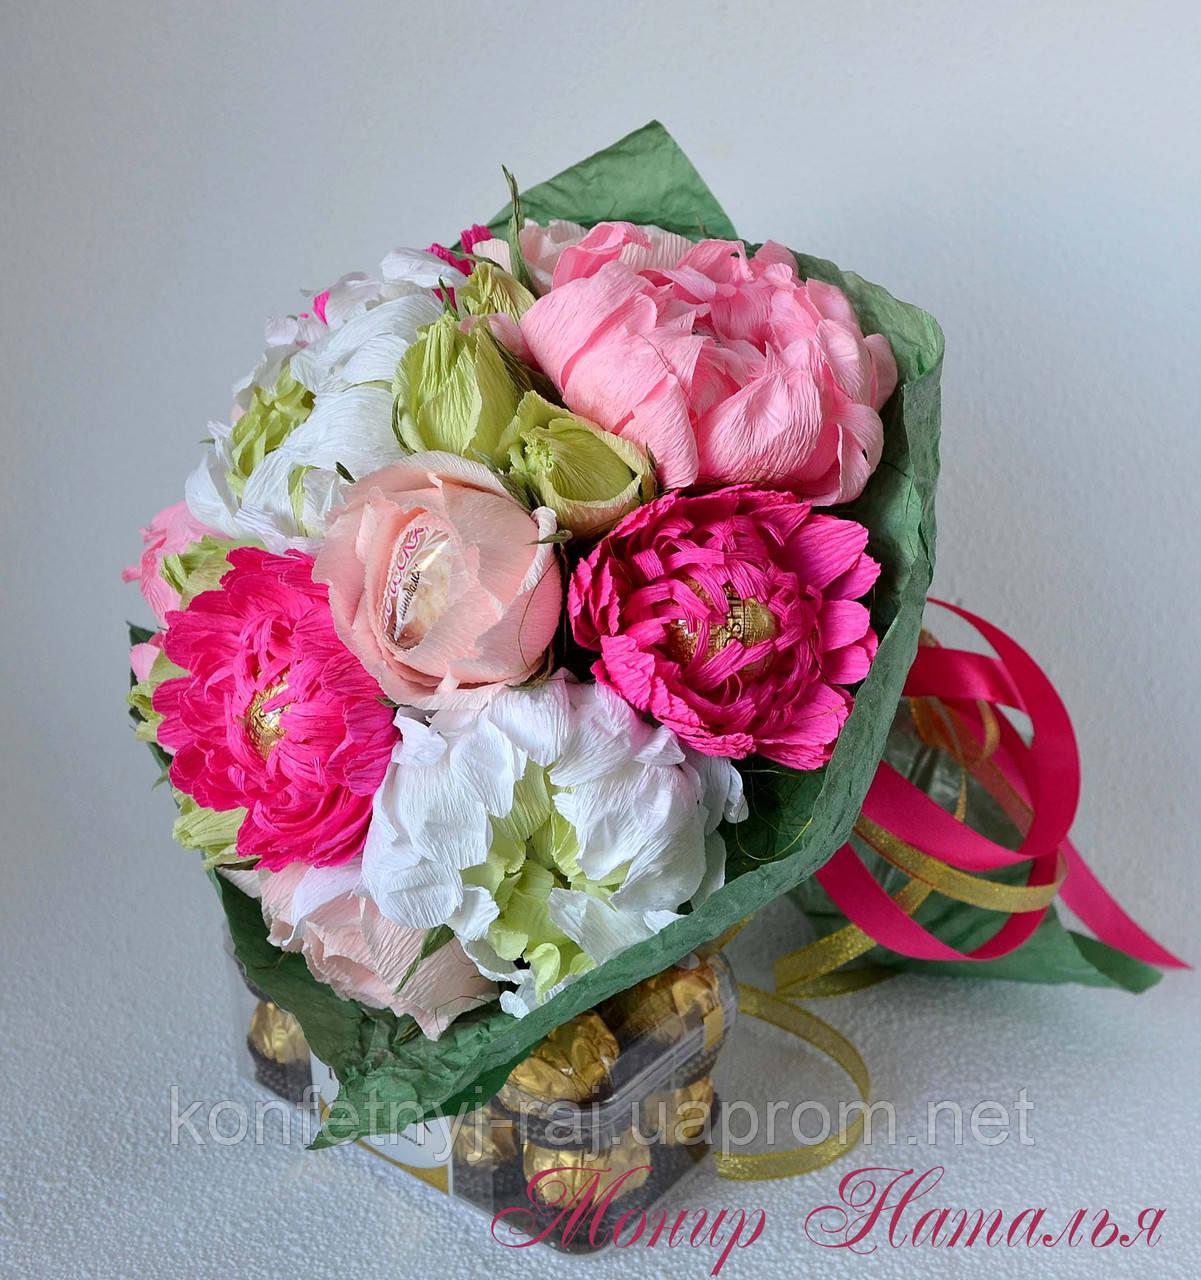 Букеты из цветов и лучшие подарки